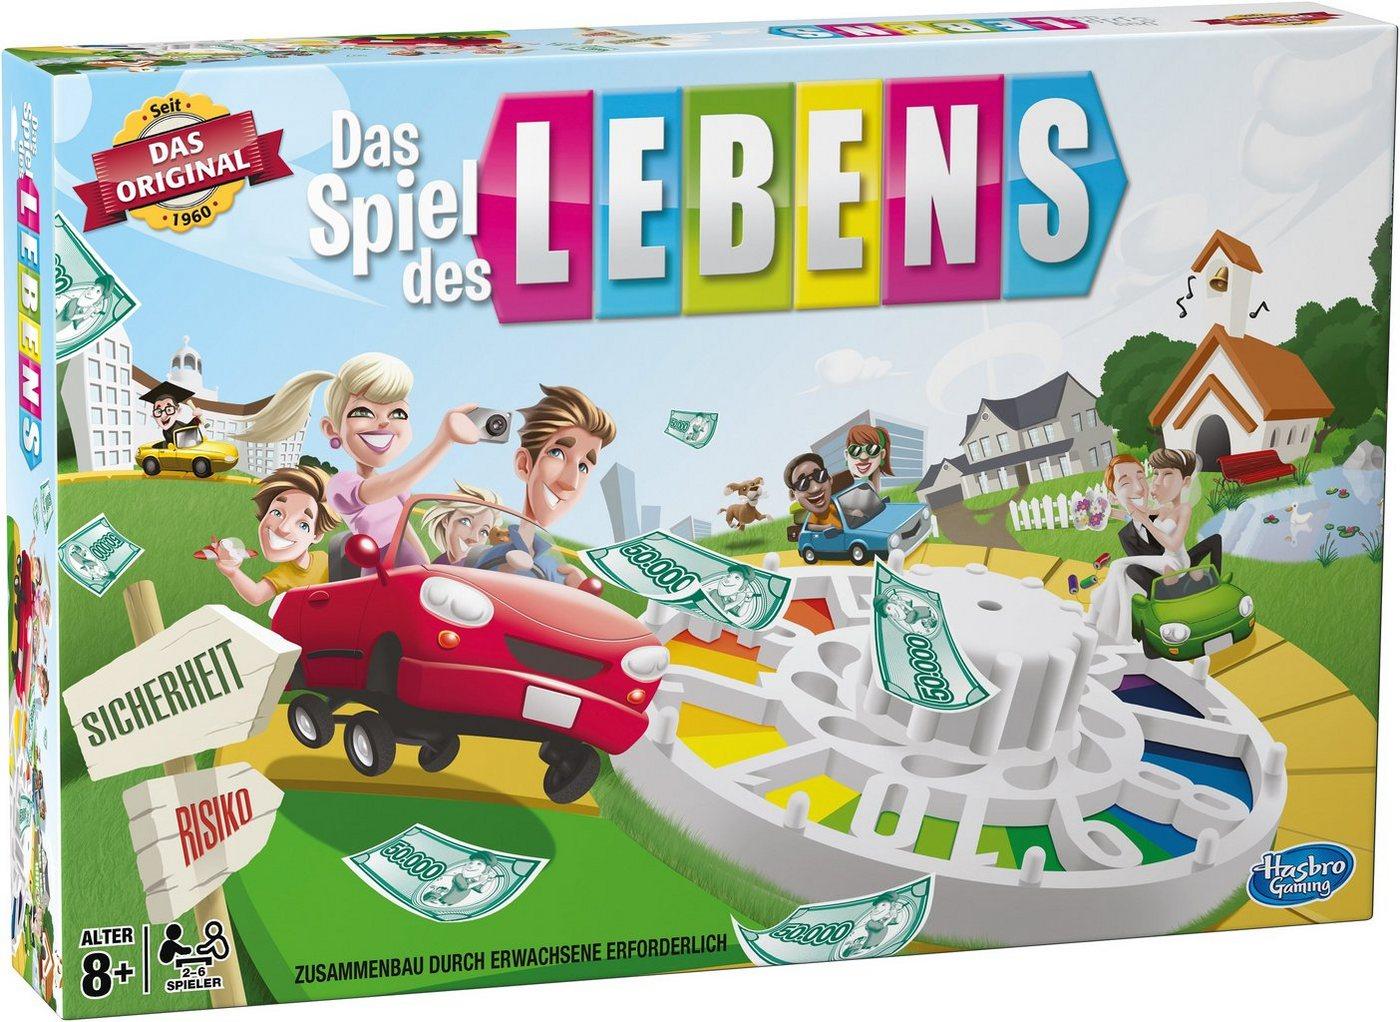 Image of Das Spiel des Lebens